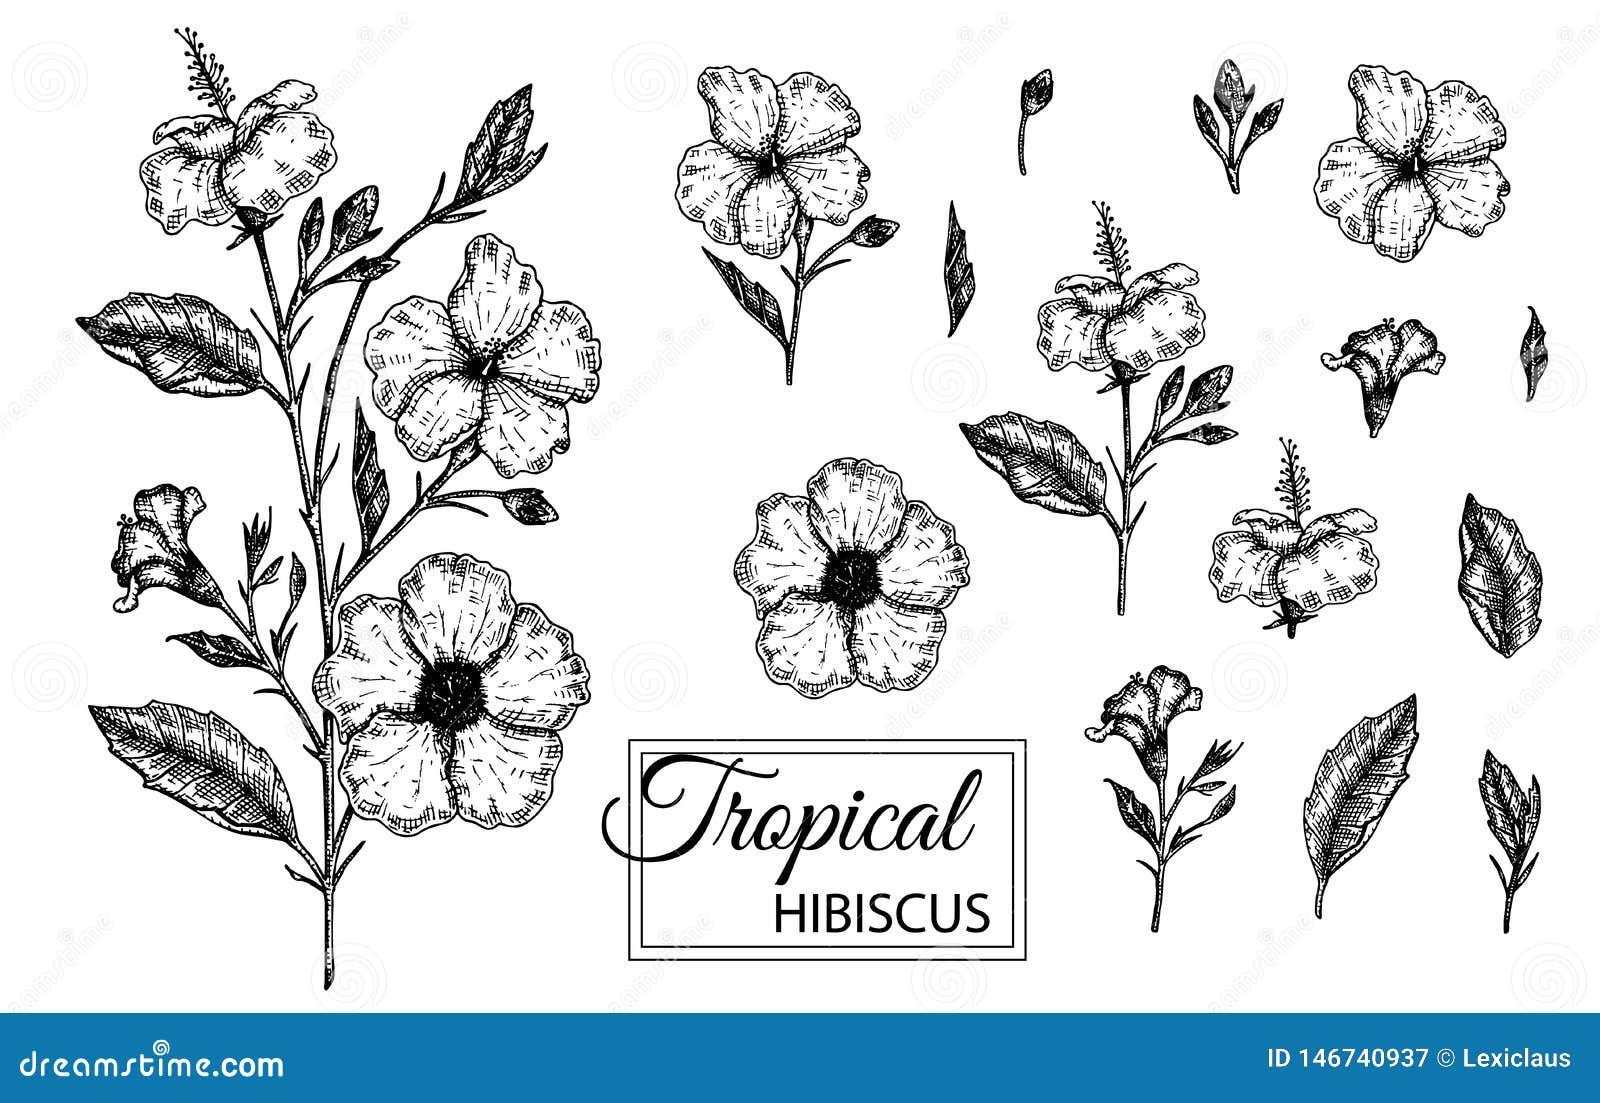 Иллюстрация вектора тропического цветка изолированная на белой предпосылке